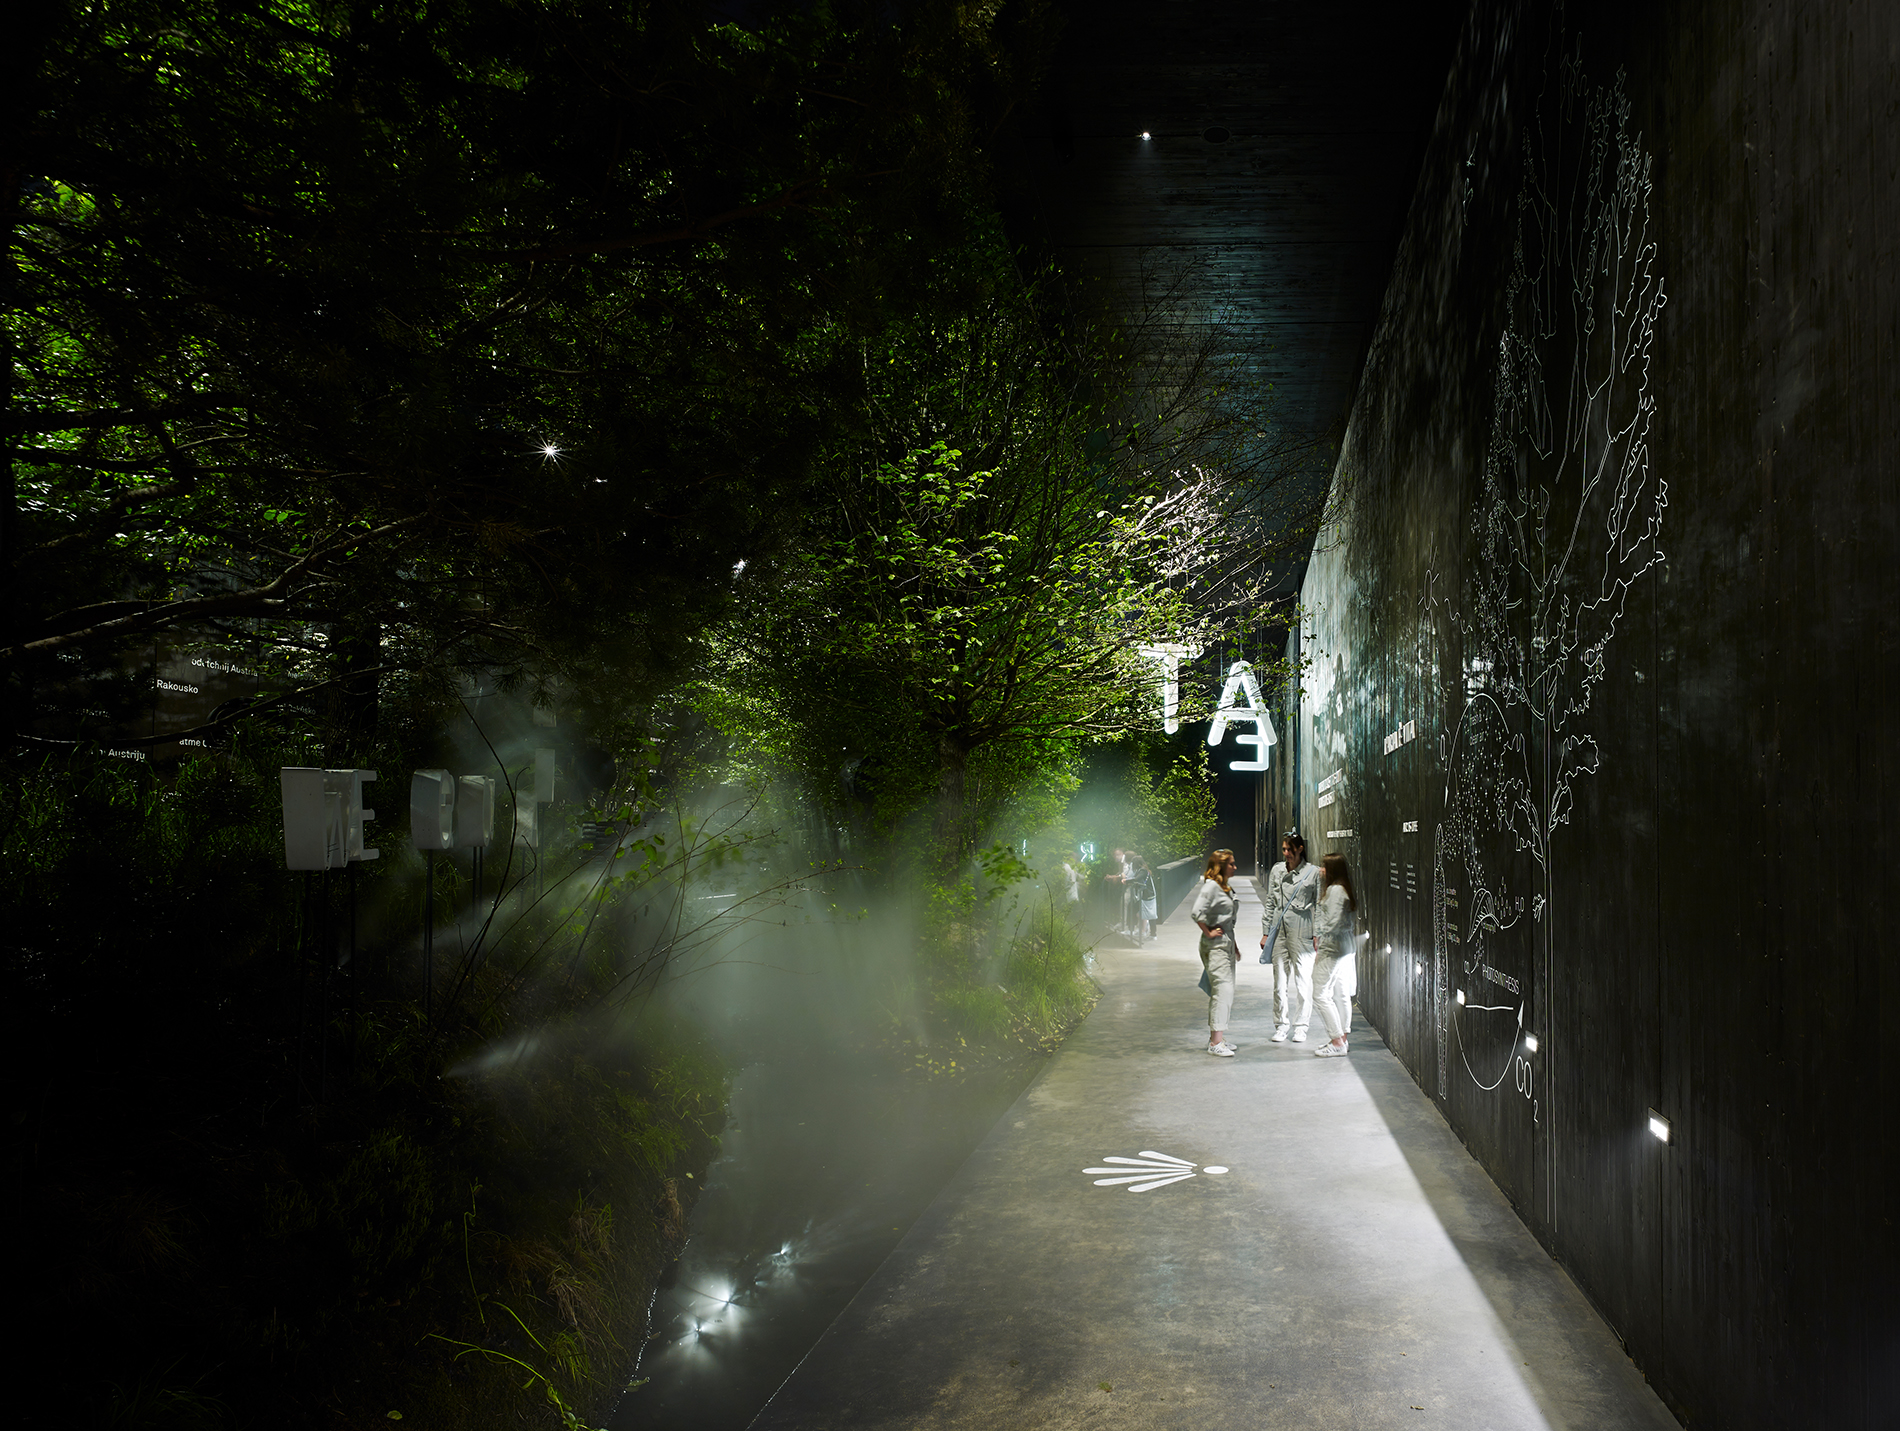 terrain_Marc Lins_expo-austrian-pavilion-19_xl